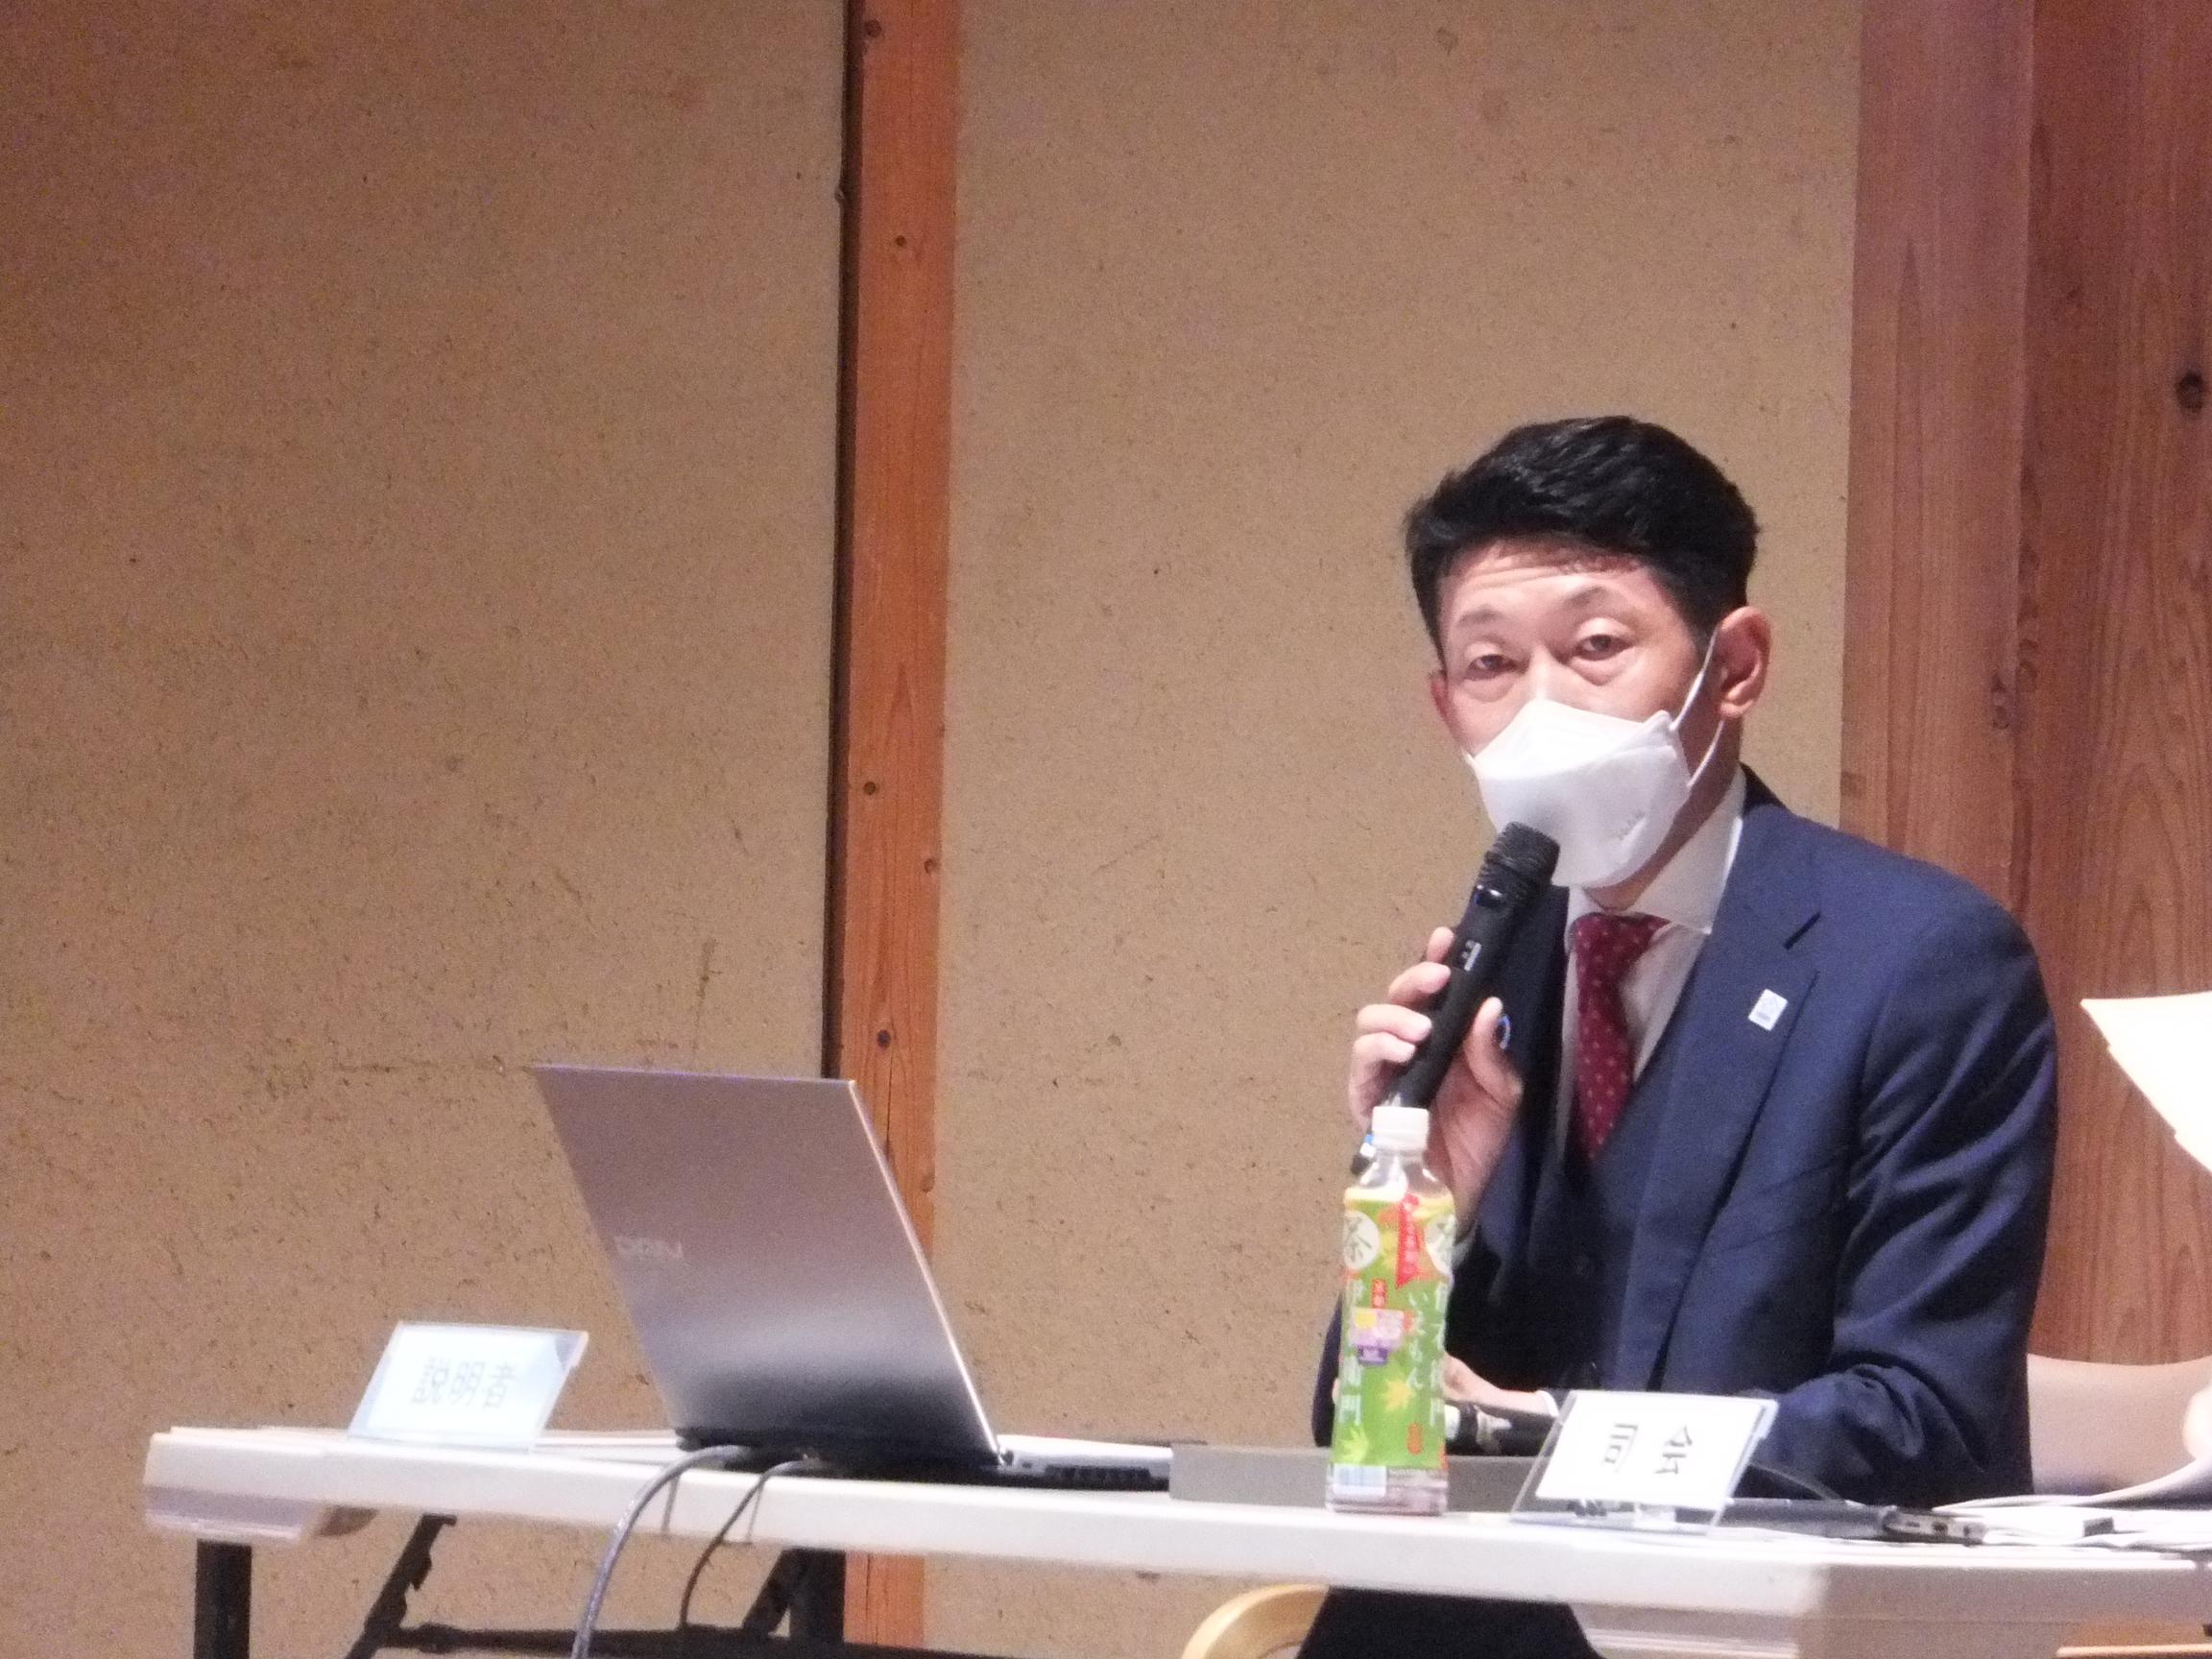 近畿地域日本酒の輸出拡大に向けた3省庁連携の情報・意見交換会を実施